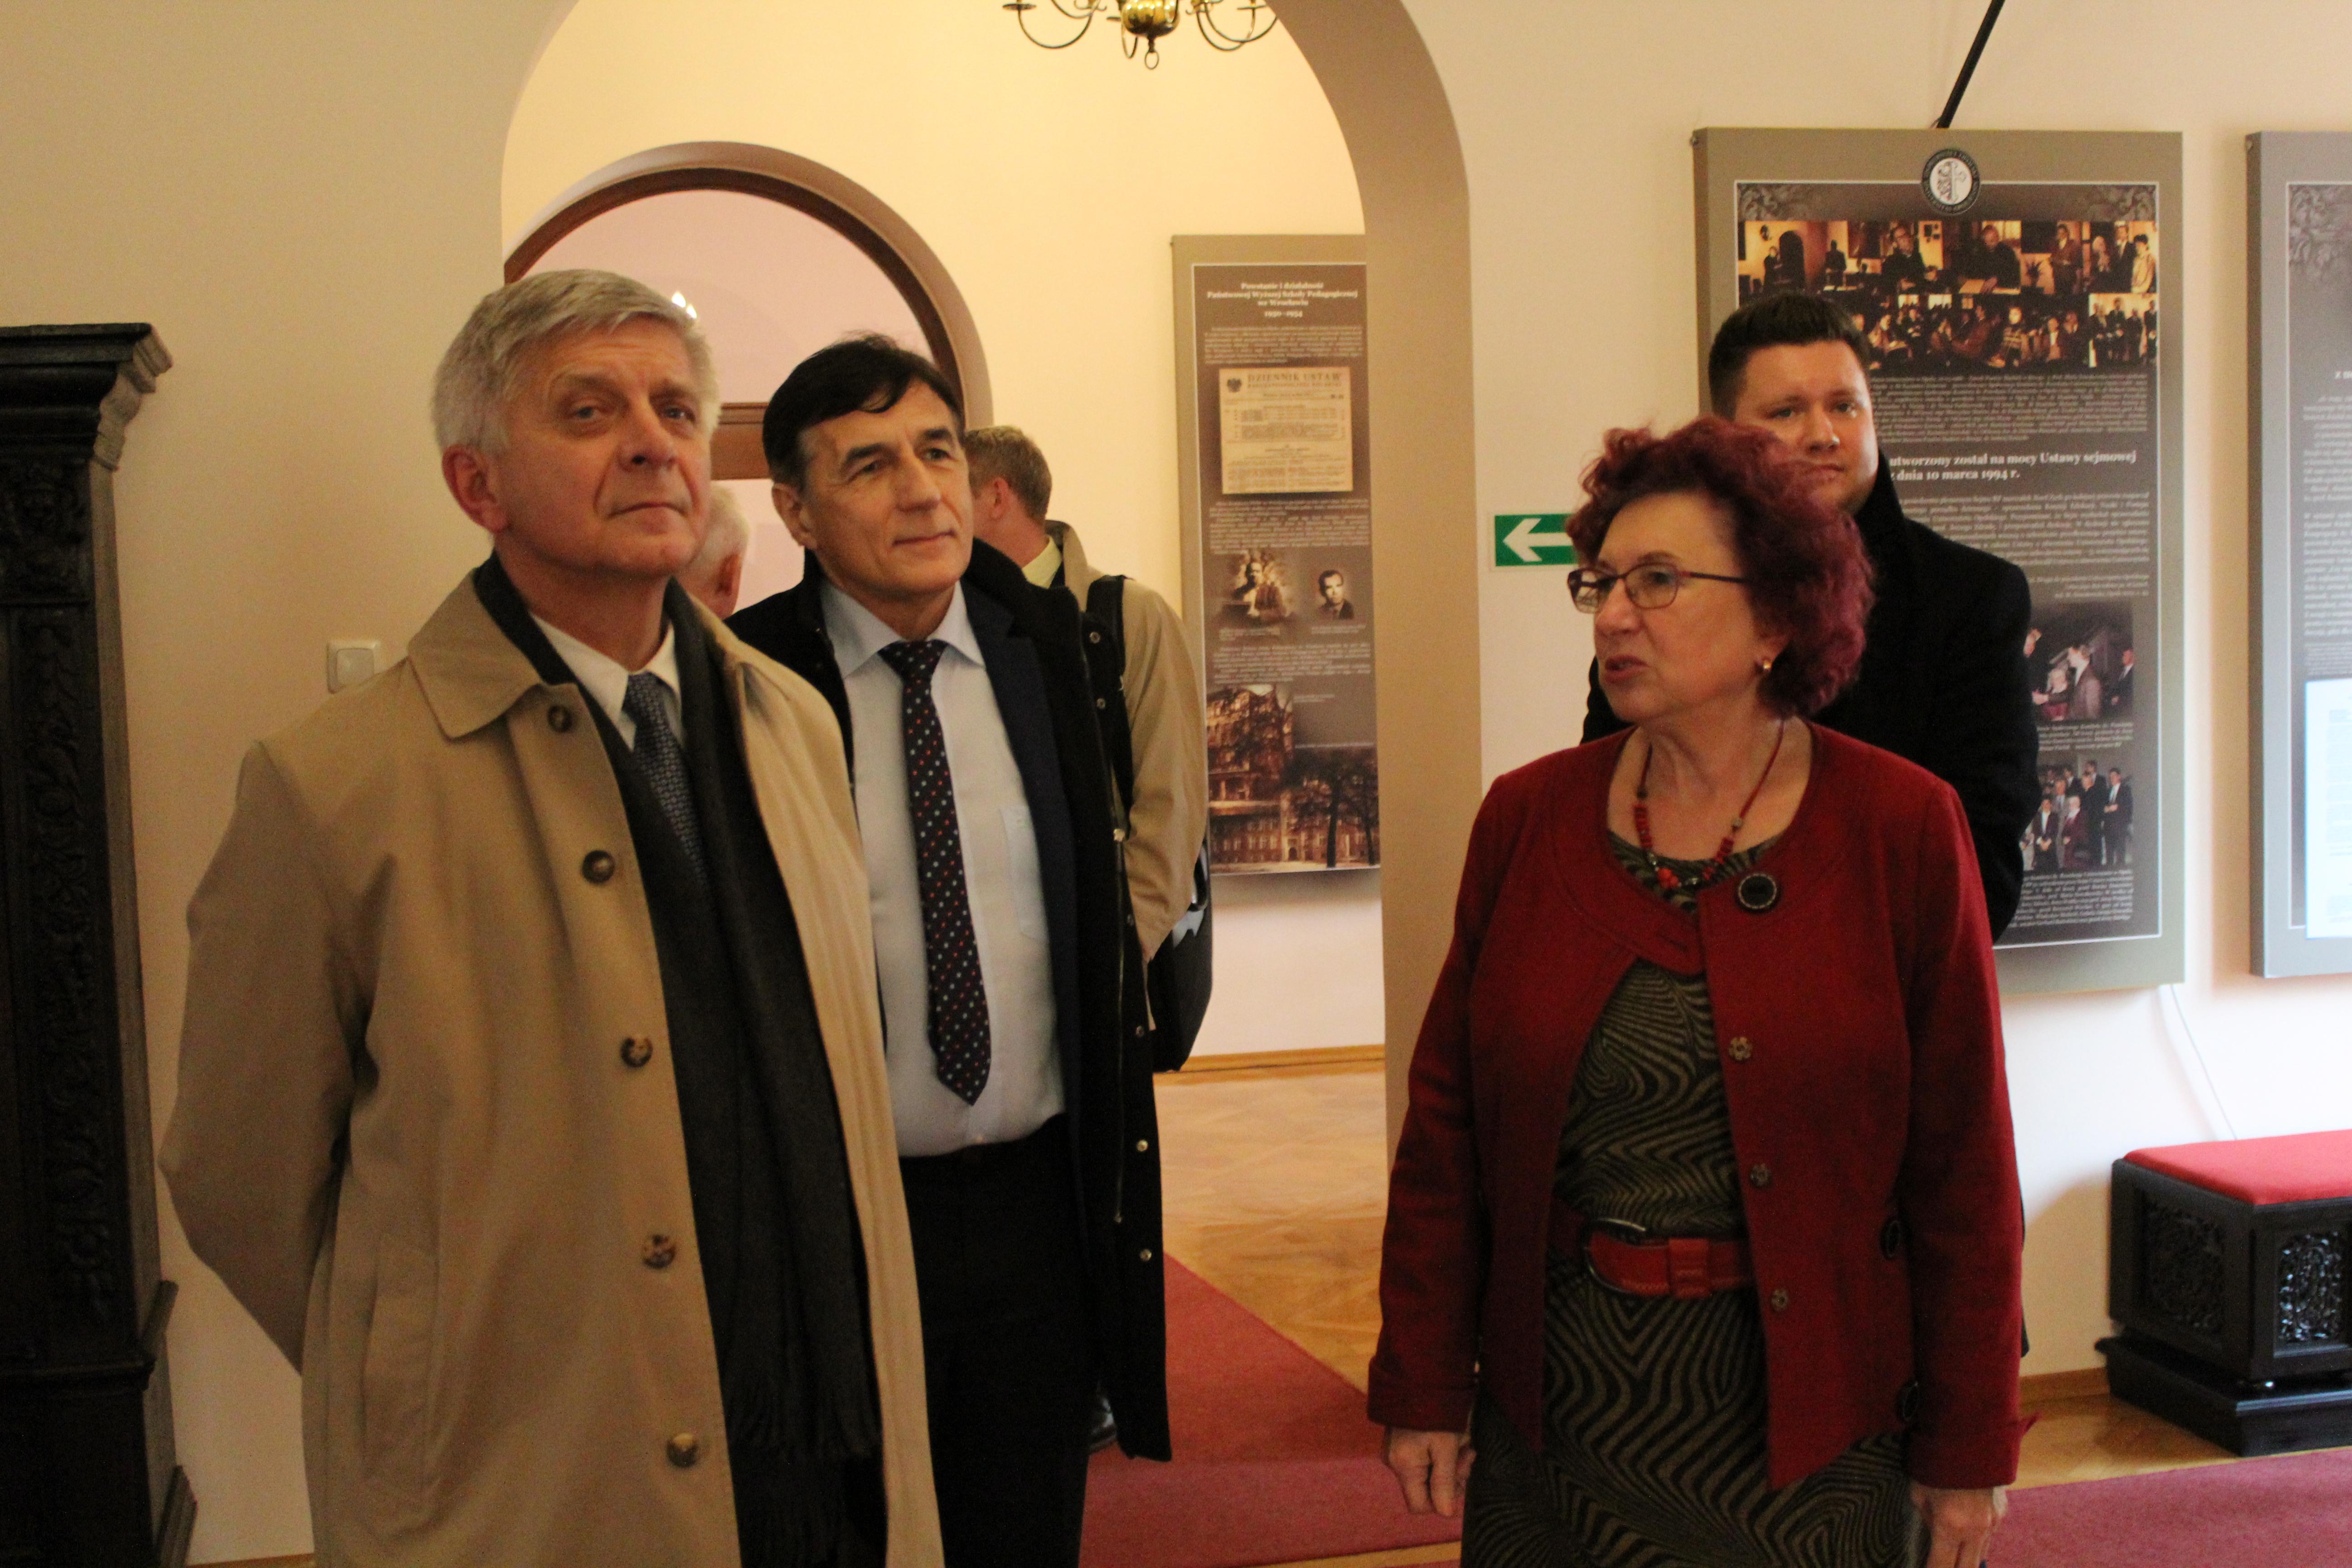 Prof. dr hab. Marek Belka prezes NBP będąc z wizytą w Uniwersytecie Opolskim13.11.2015 r., zwiedził także Muzeum UO